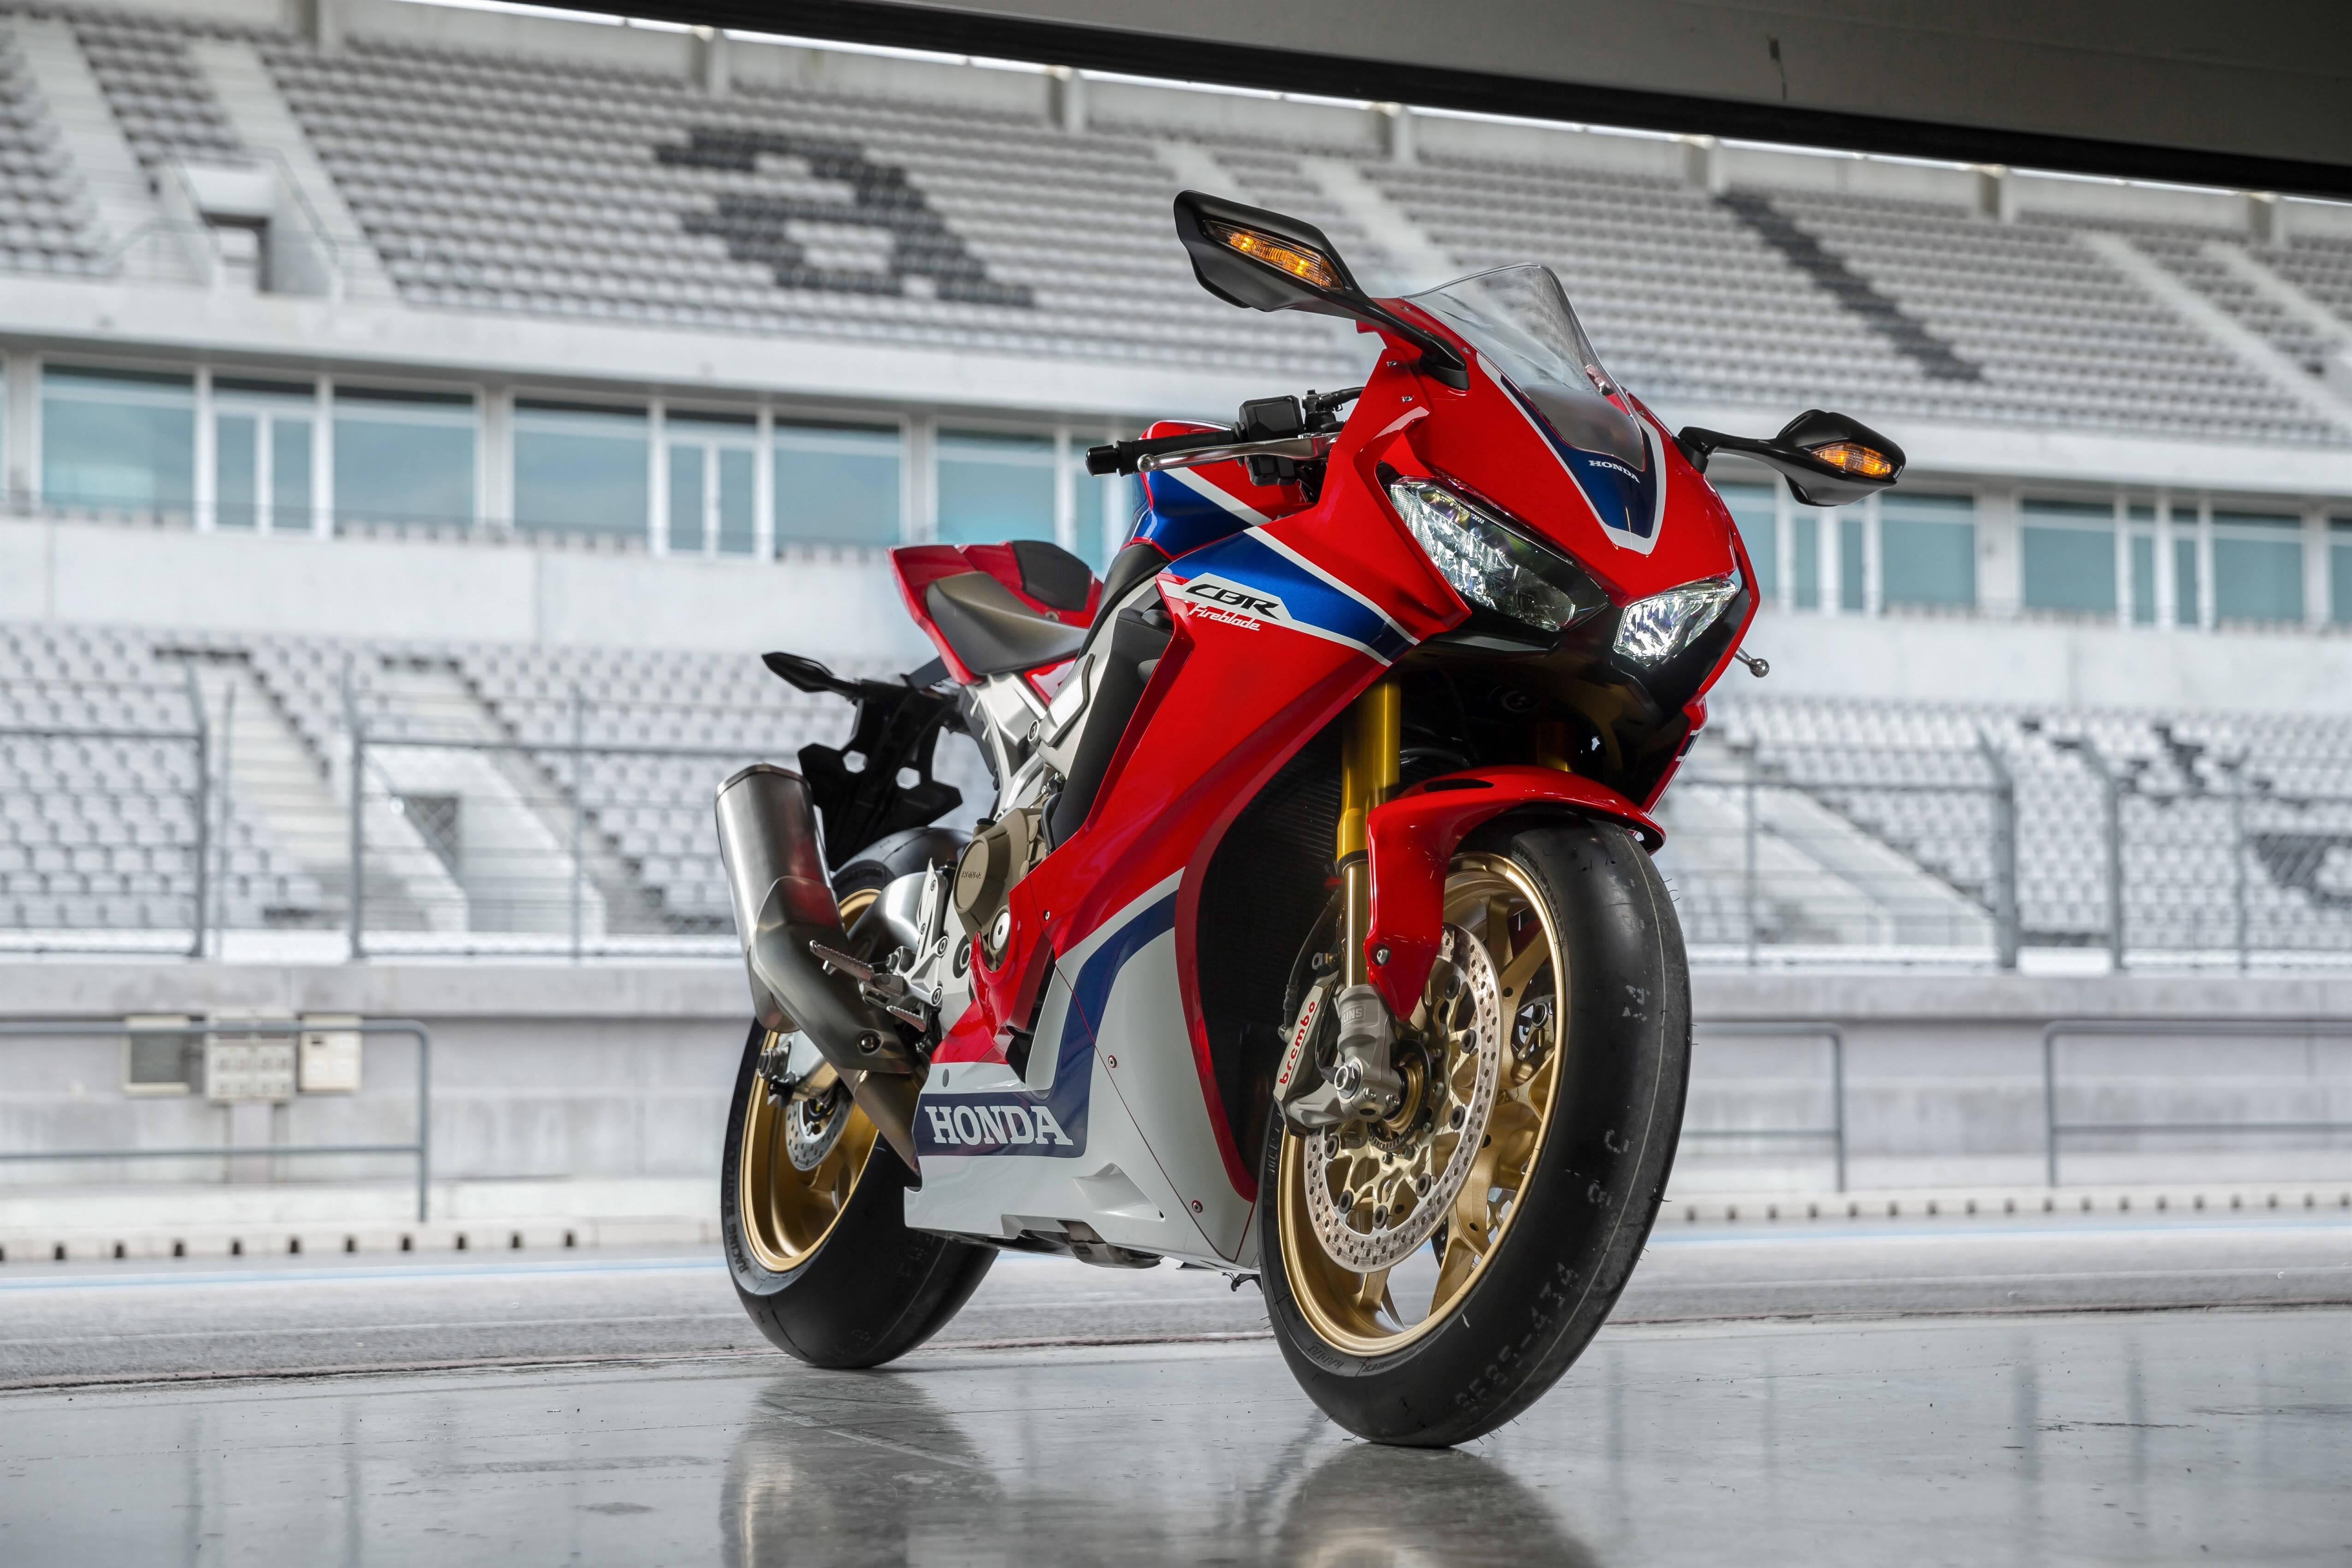 A moto rivaliza com as mais velozes do mercado, sendo uma das mais acessíveis e tradicionais à disposição. Foto: Divulgação